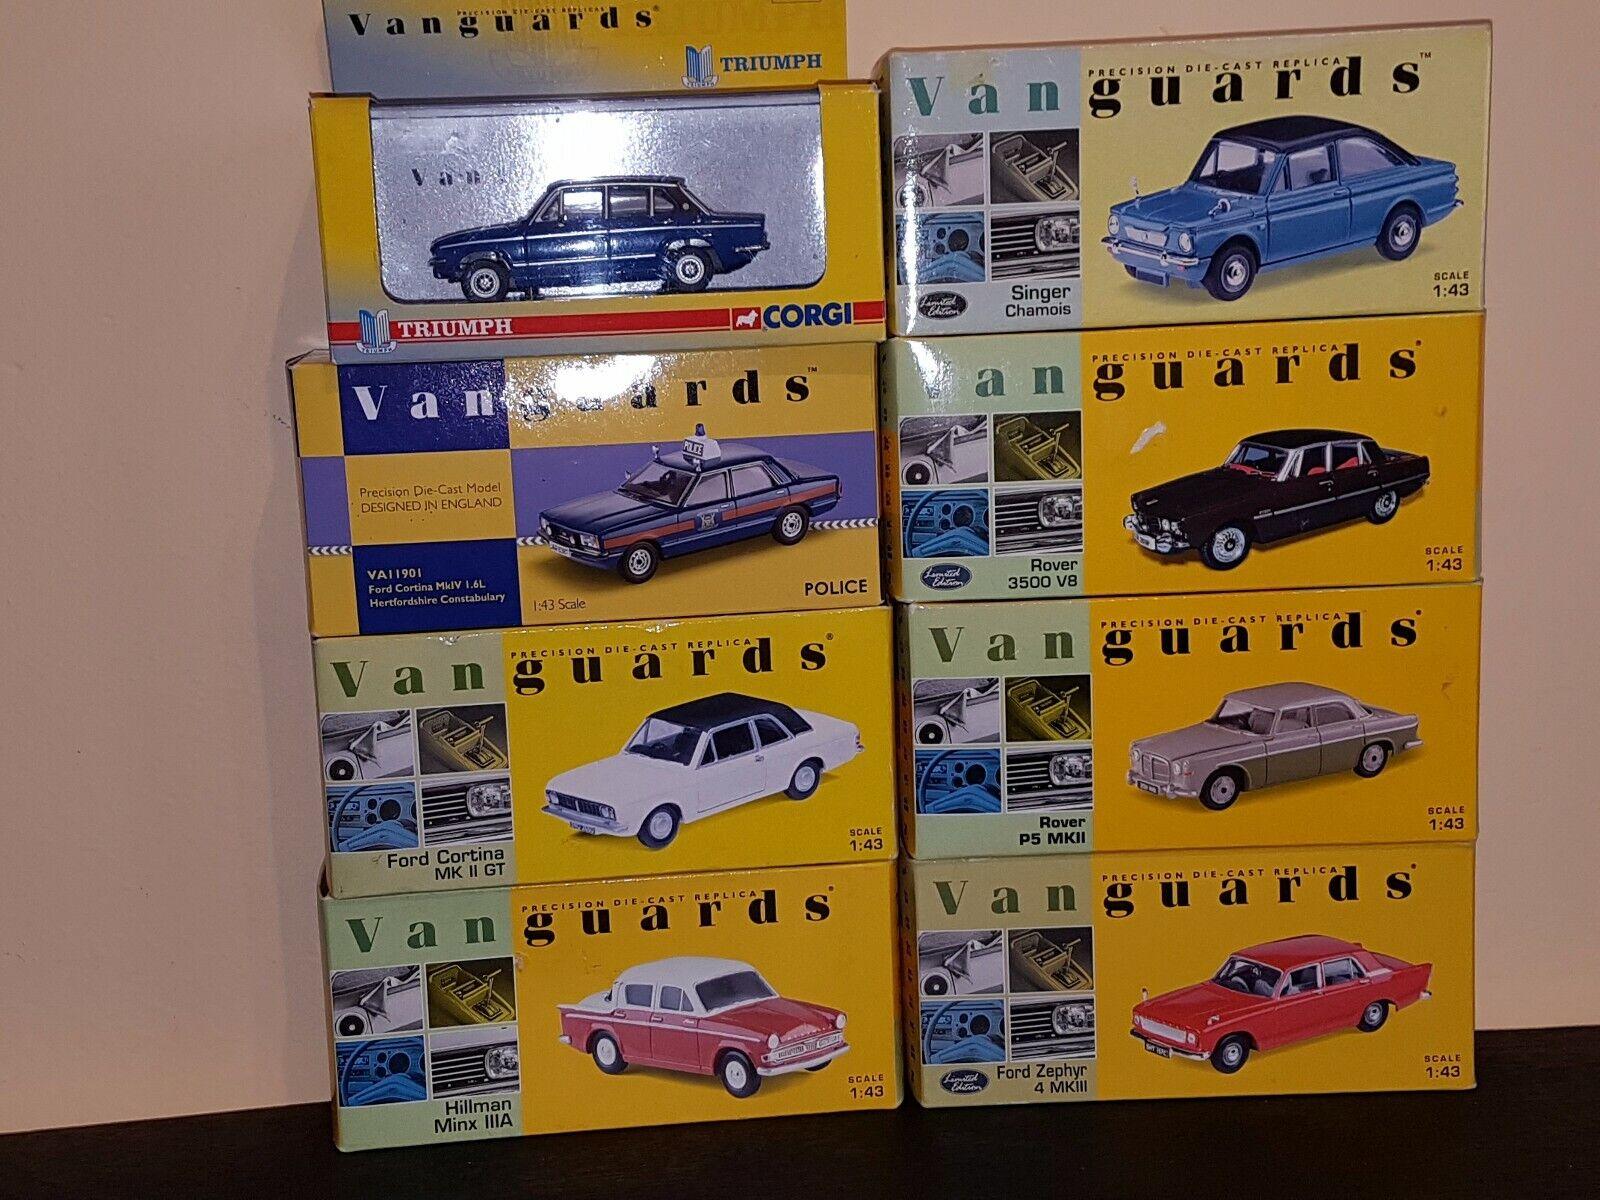 Voiture Miniature Lot de 8 véhicules en boite Vanguards